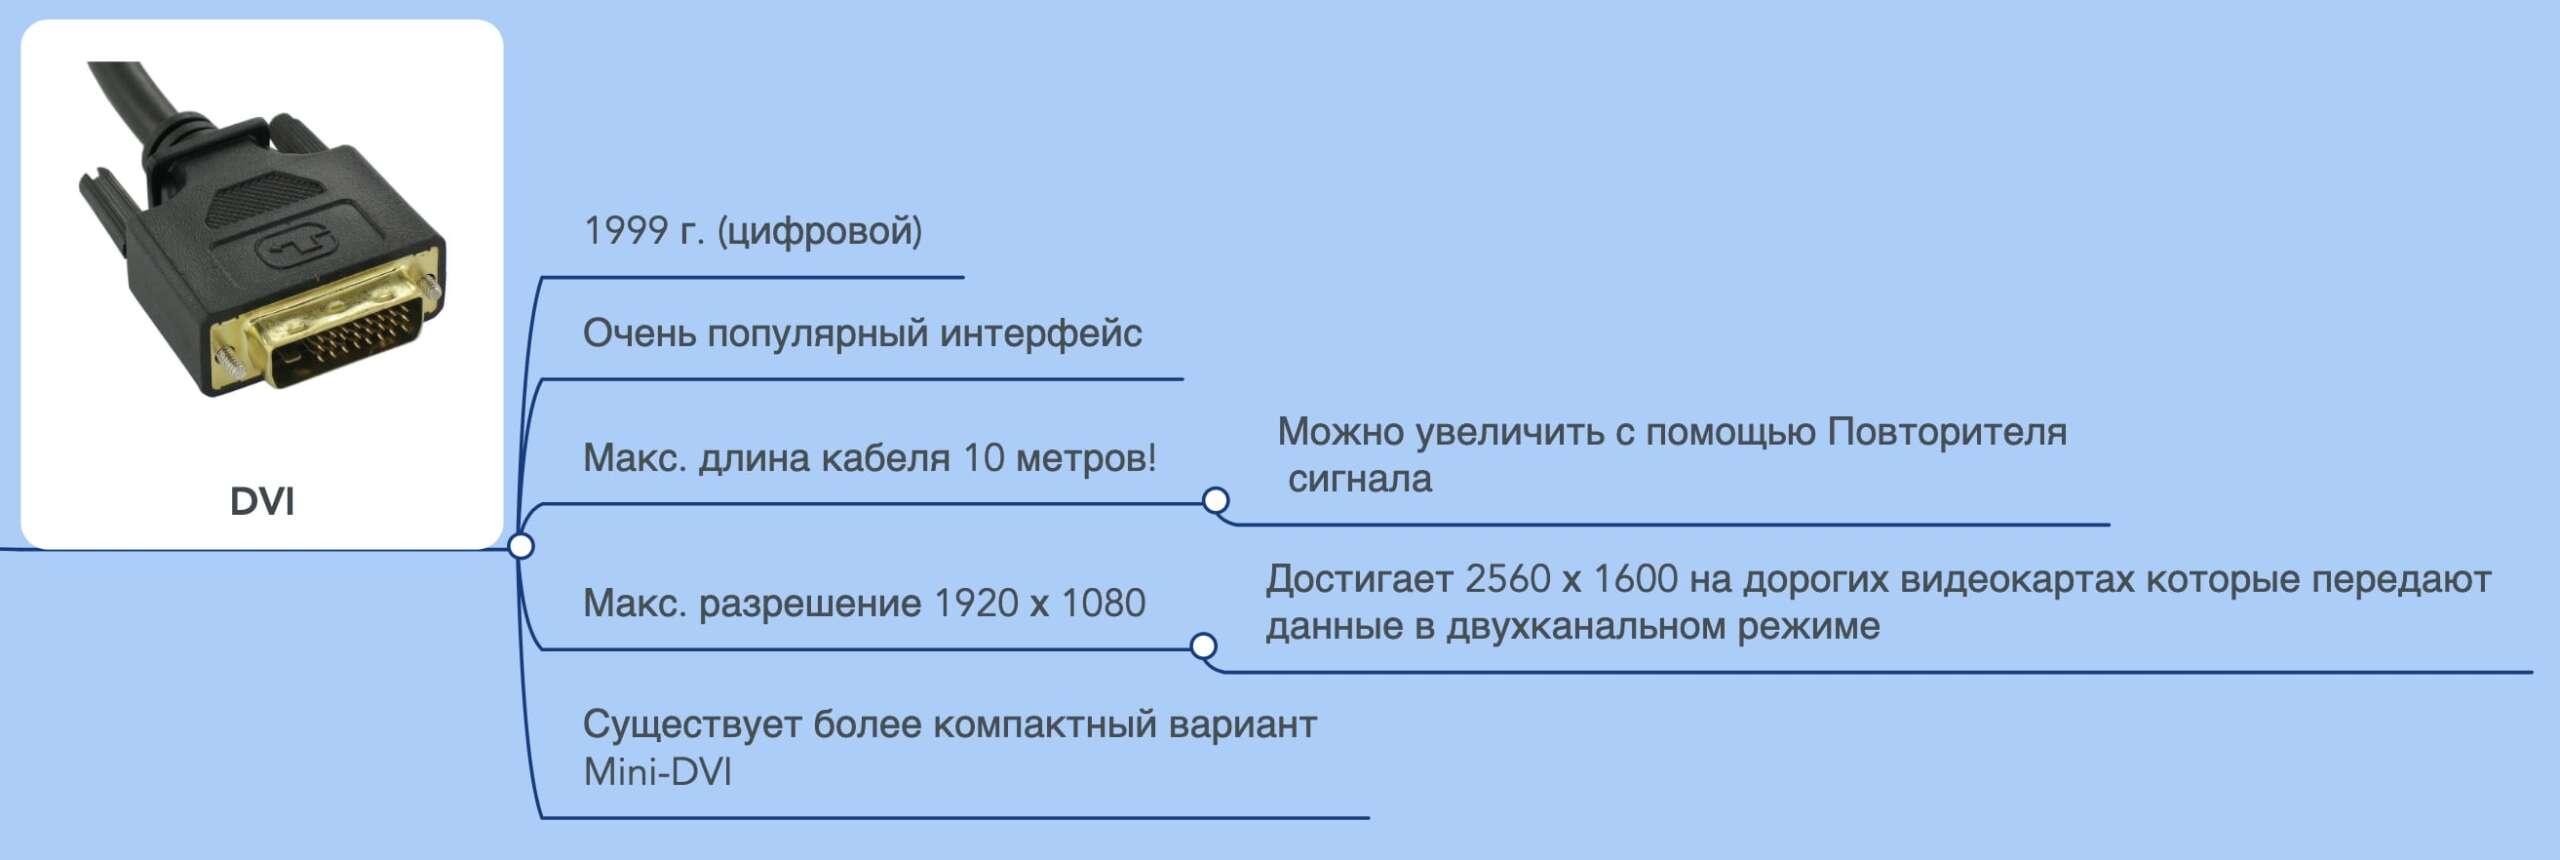 DVI – подробное описание способа для подключения монитора